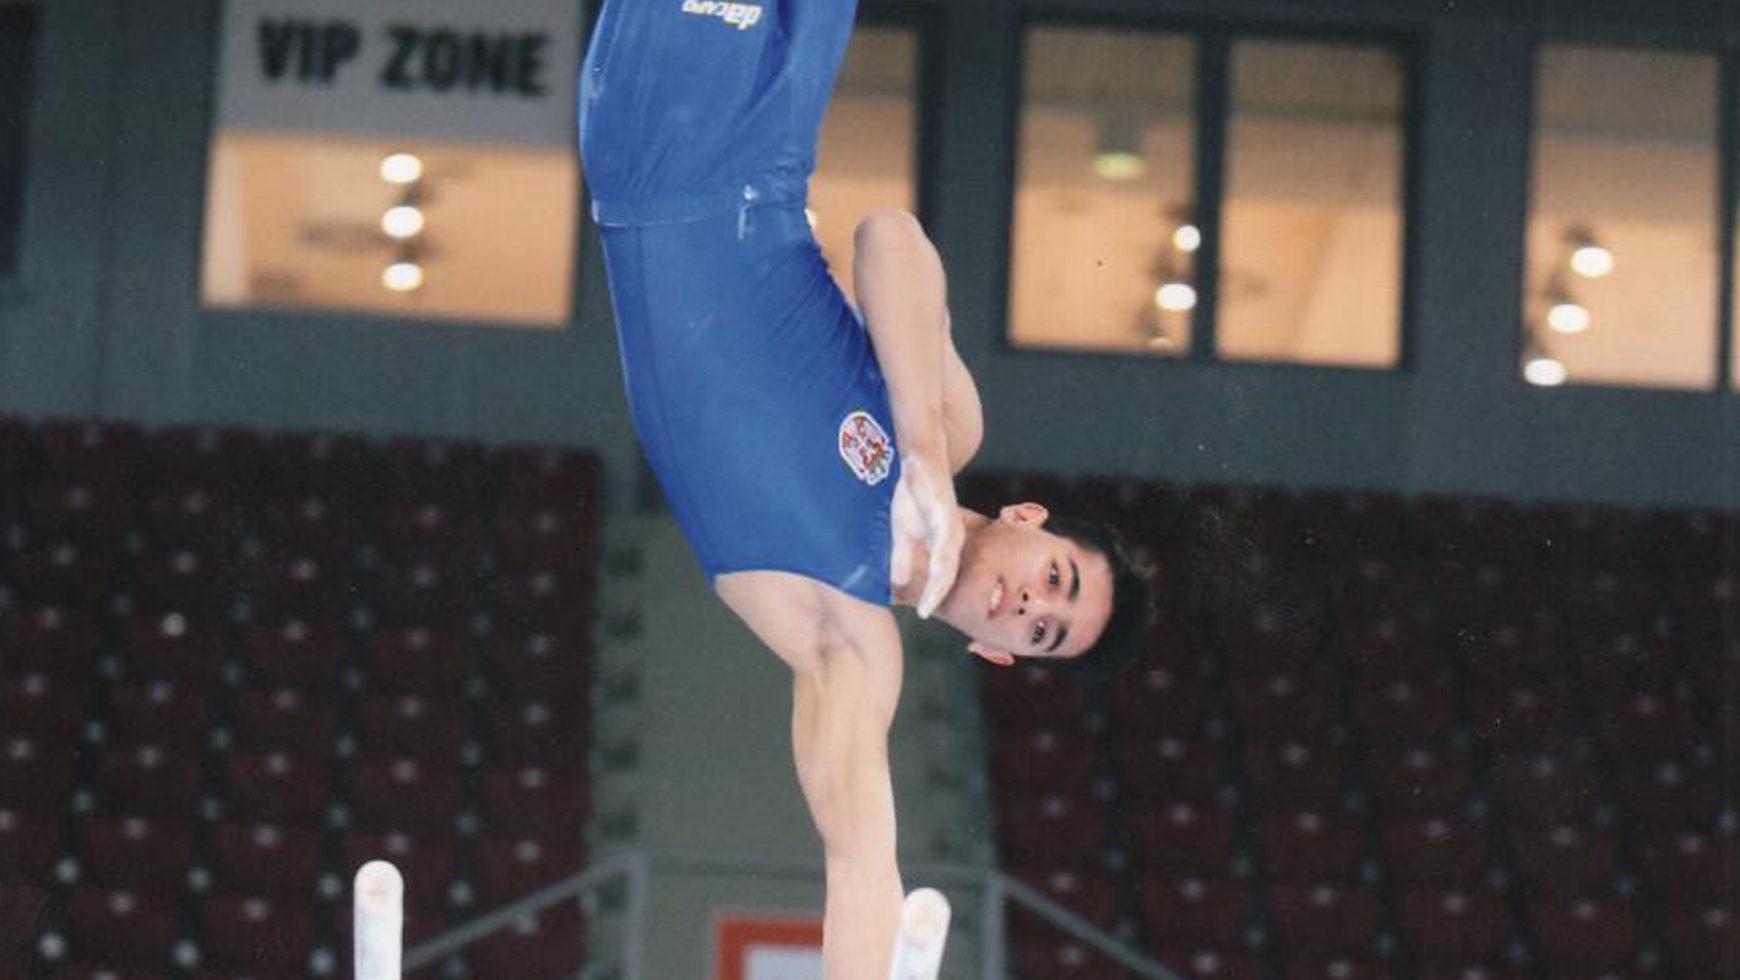 Muška sportska gimnastika